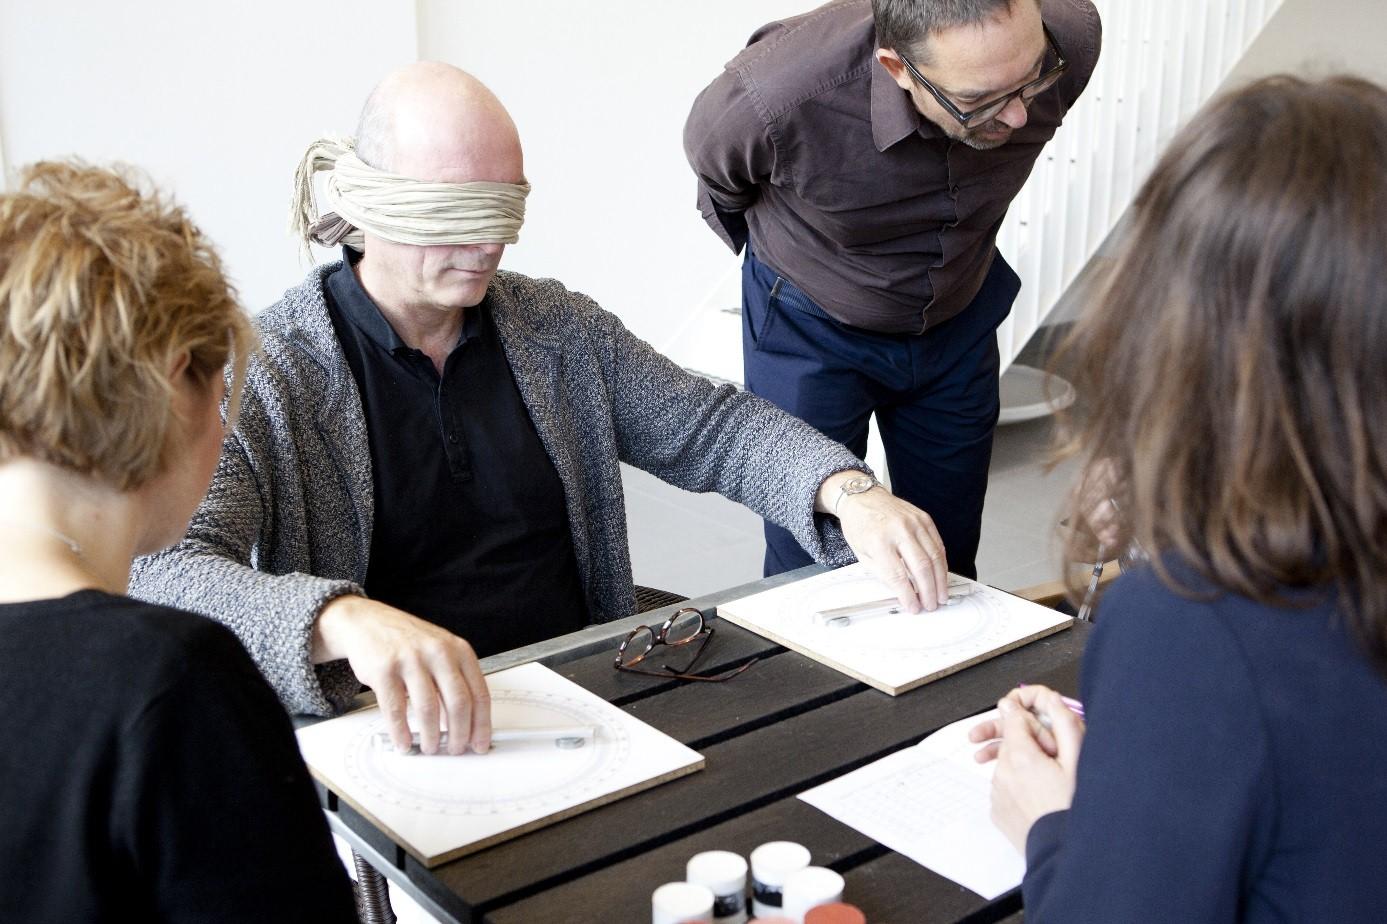 Laboratoriumklein_Henri Snel_art and science of dementia care